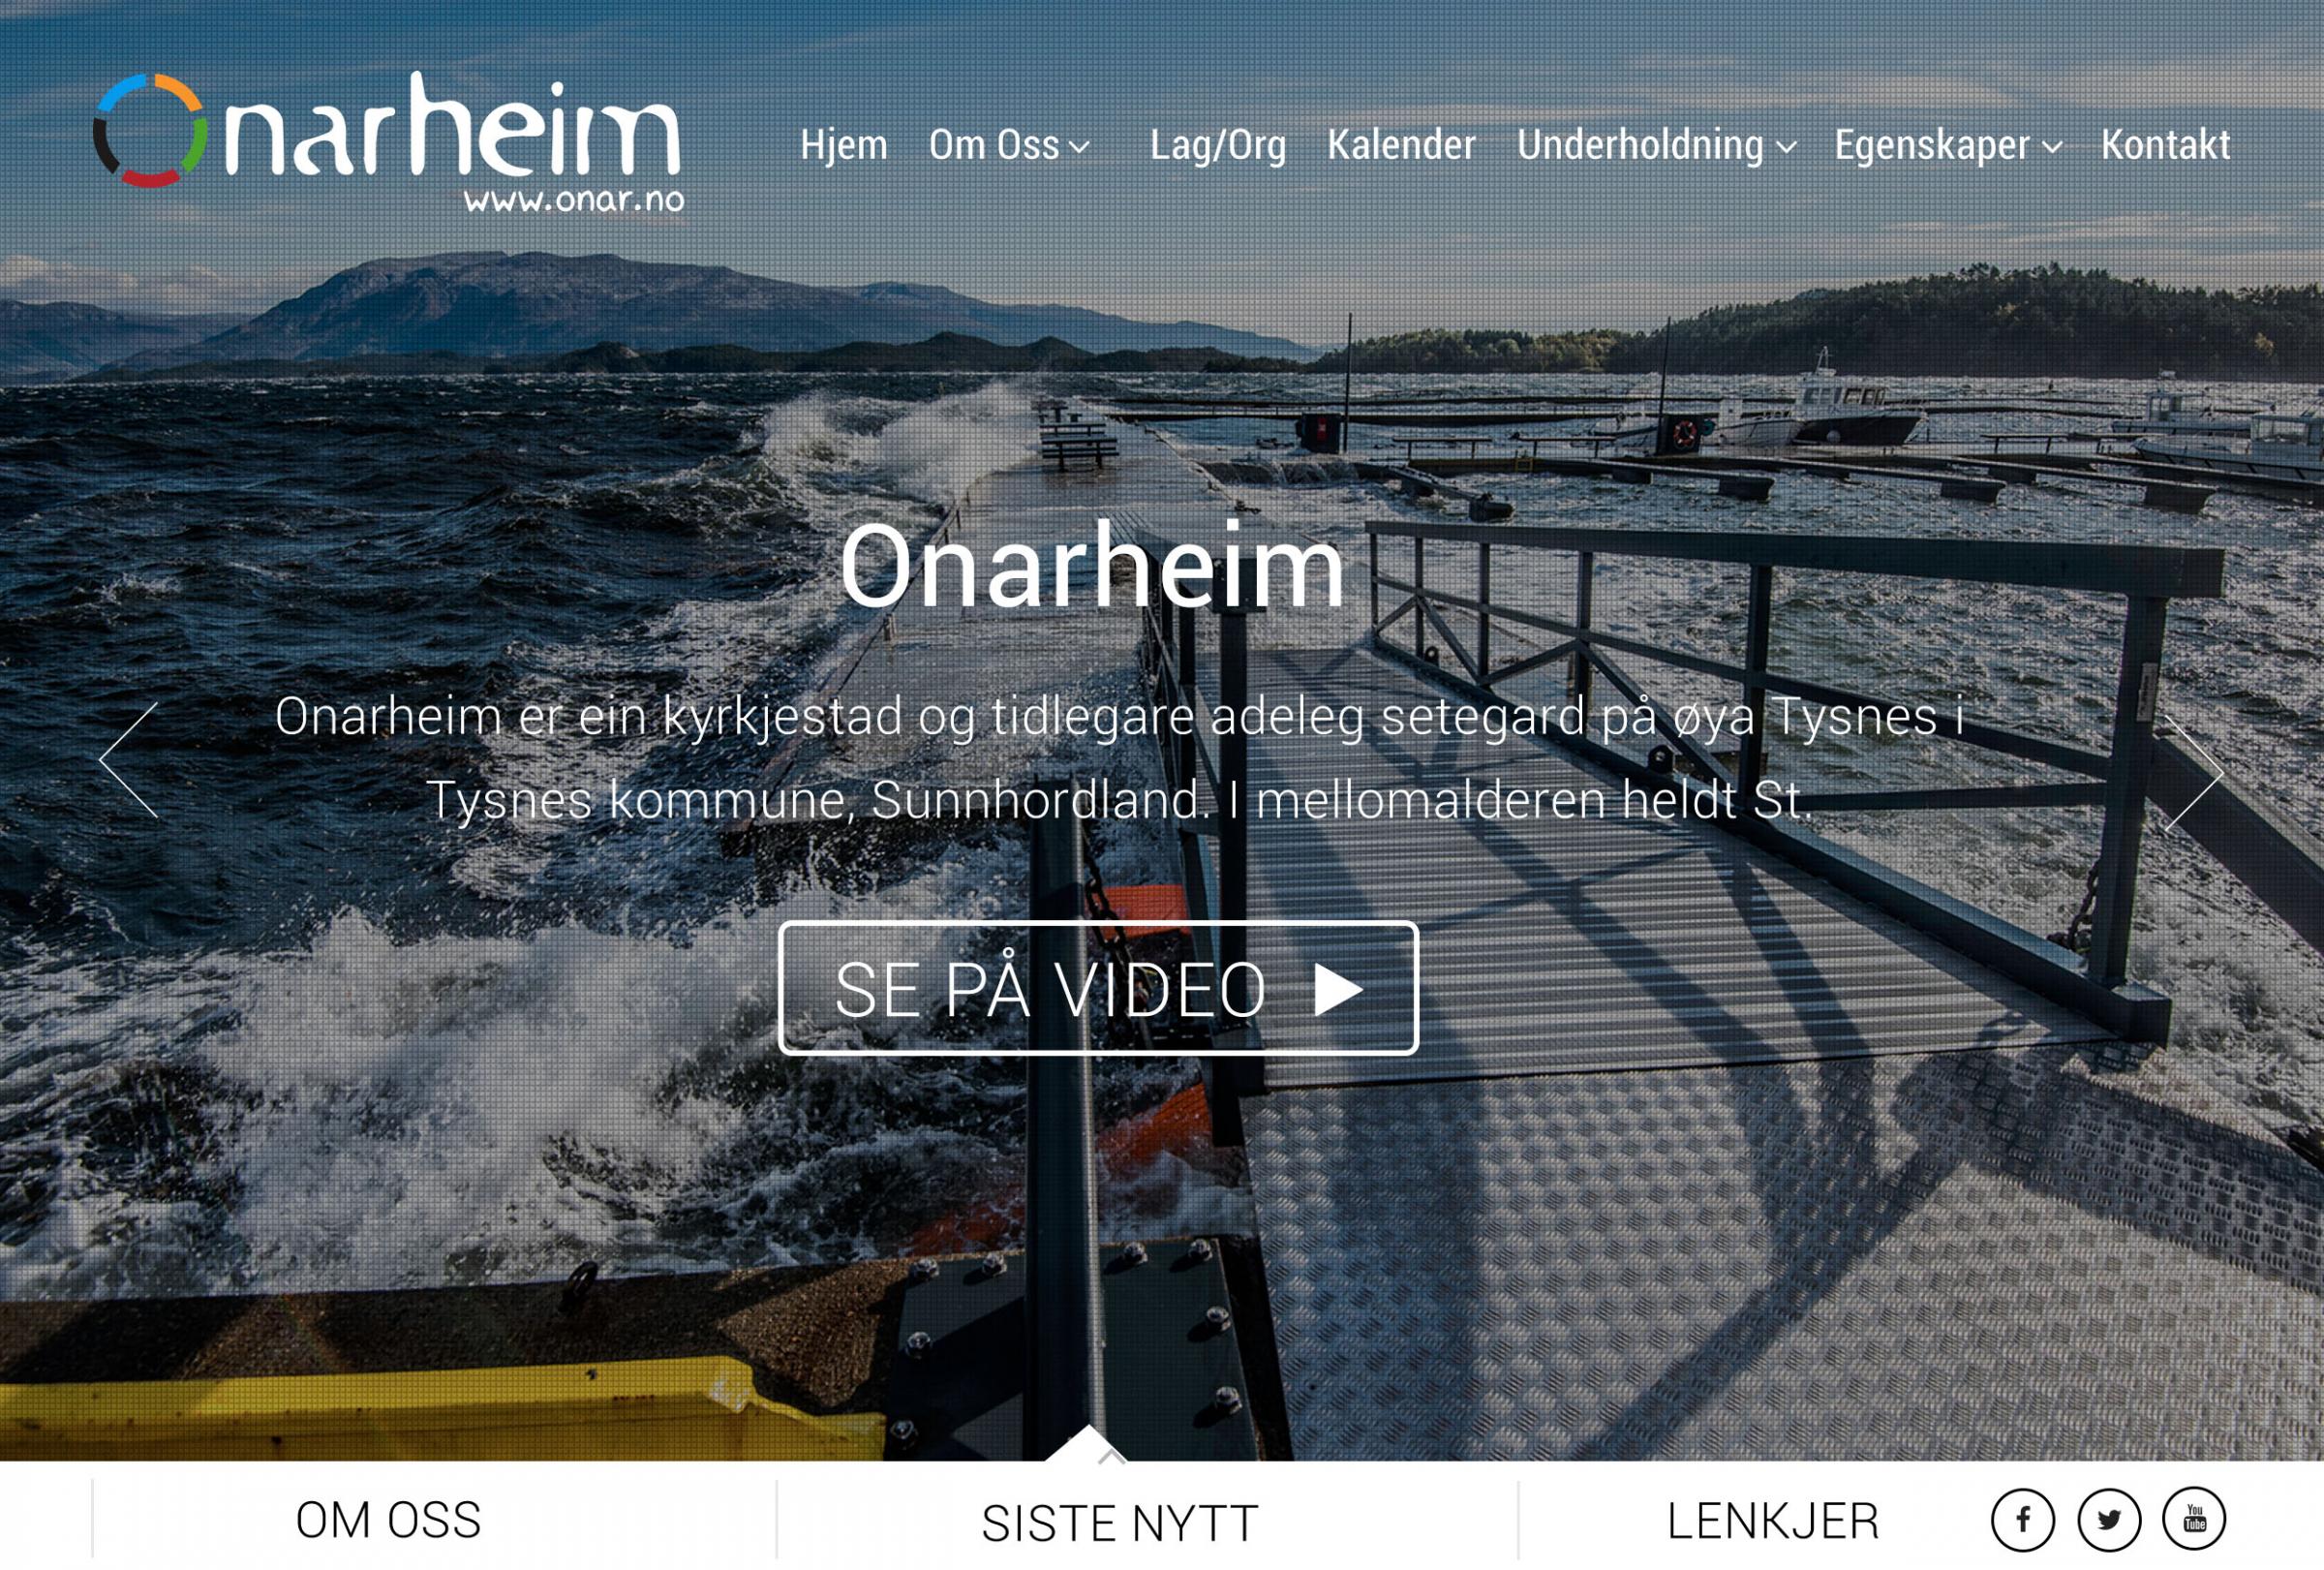 Onarheim-mockup